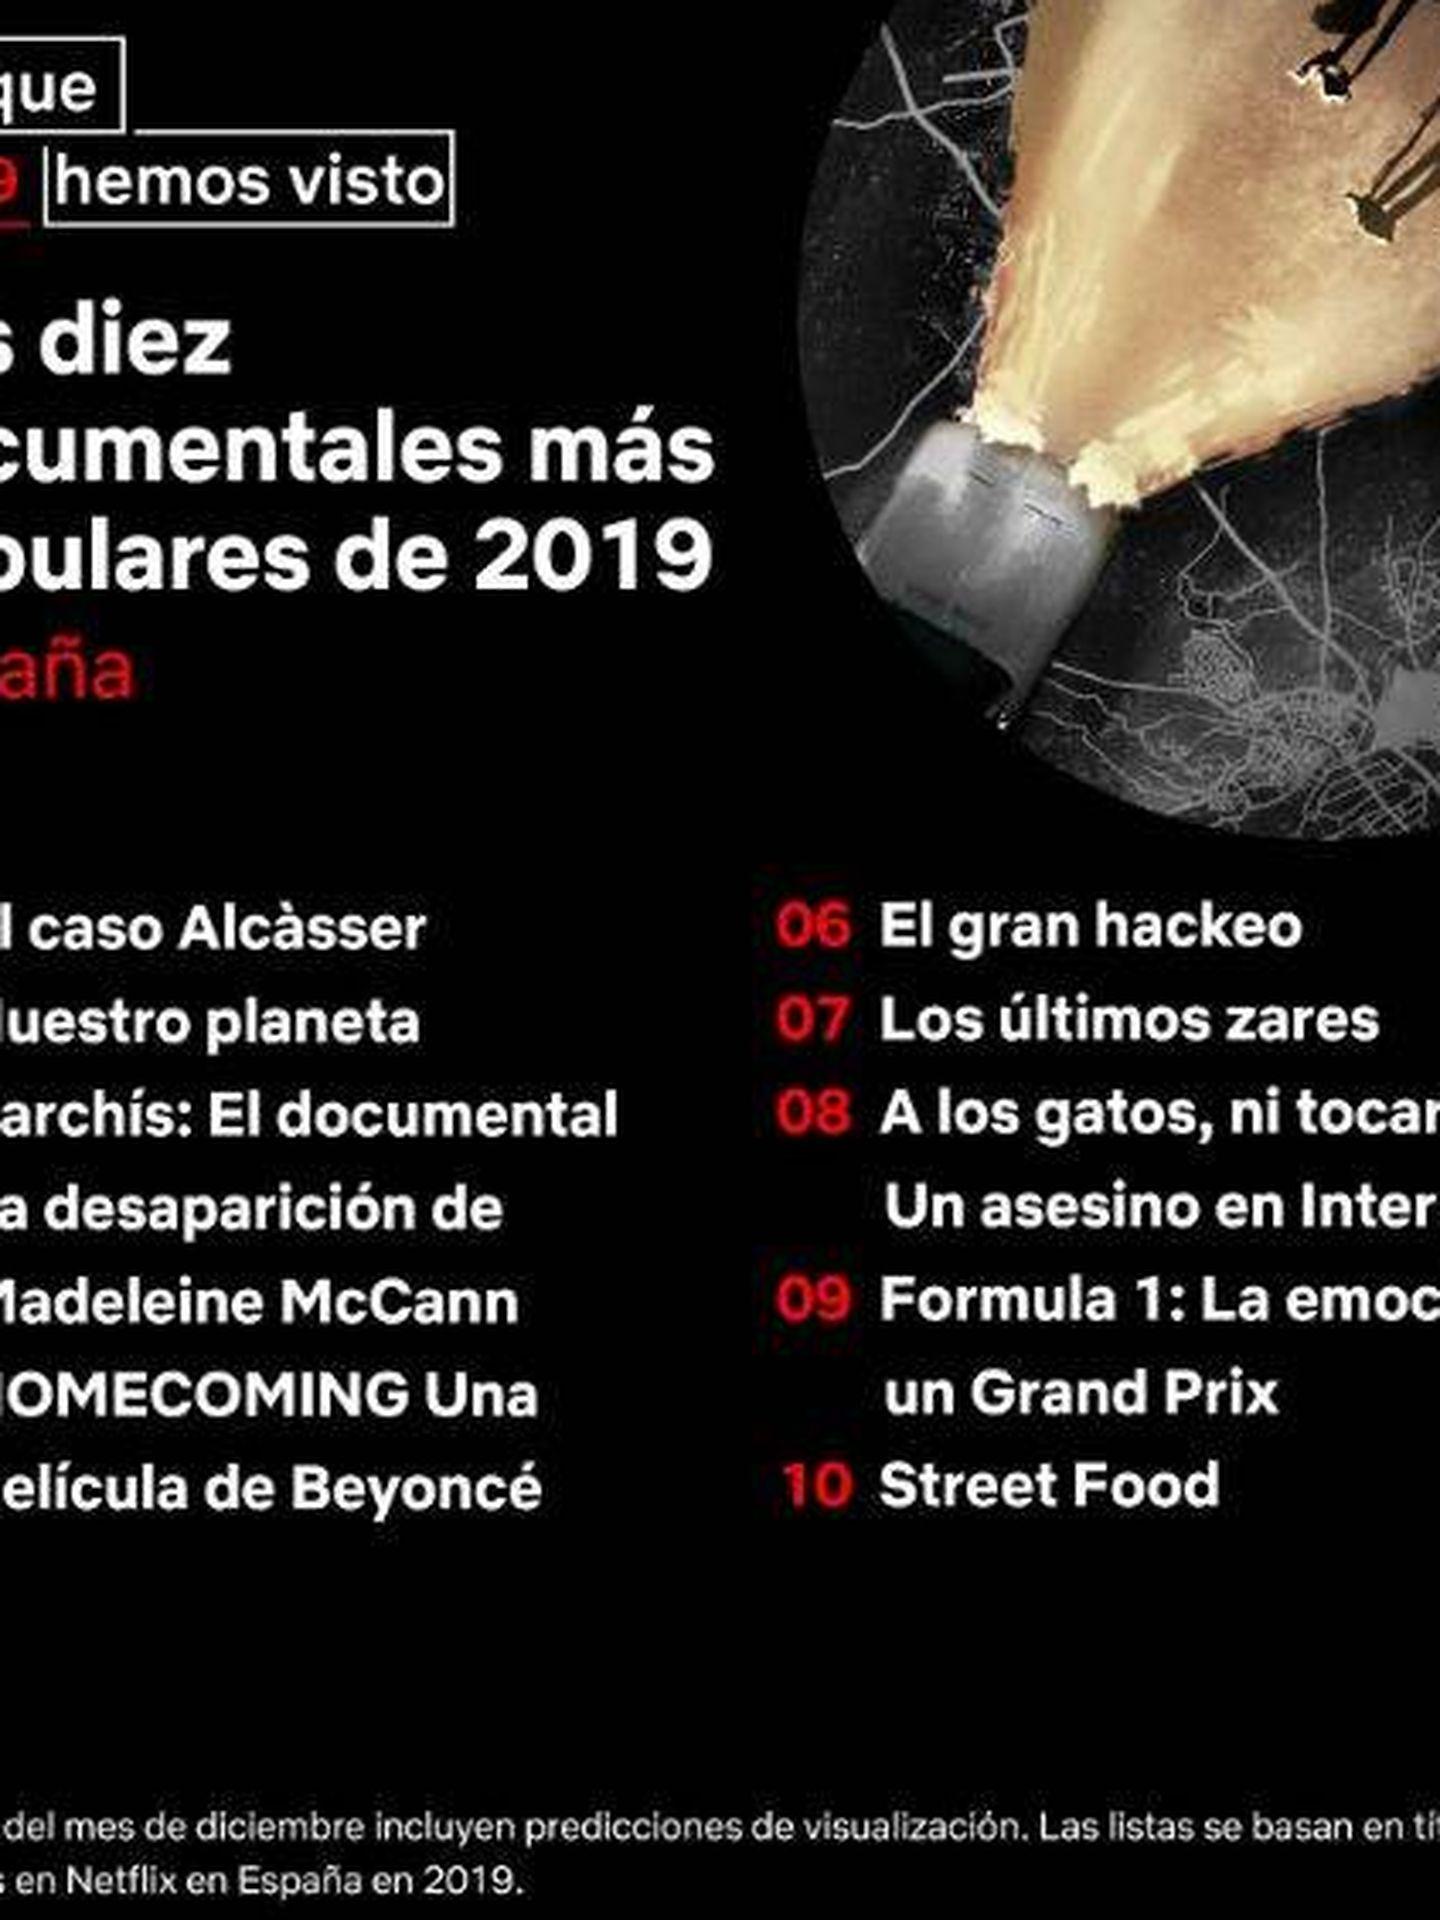 Los documentales más populares del año en España. (Twitter)